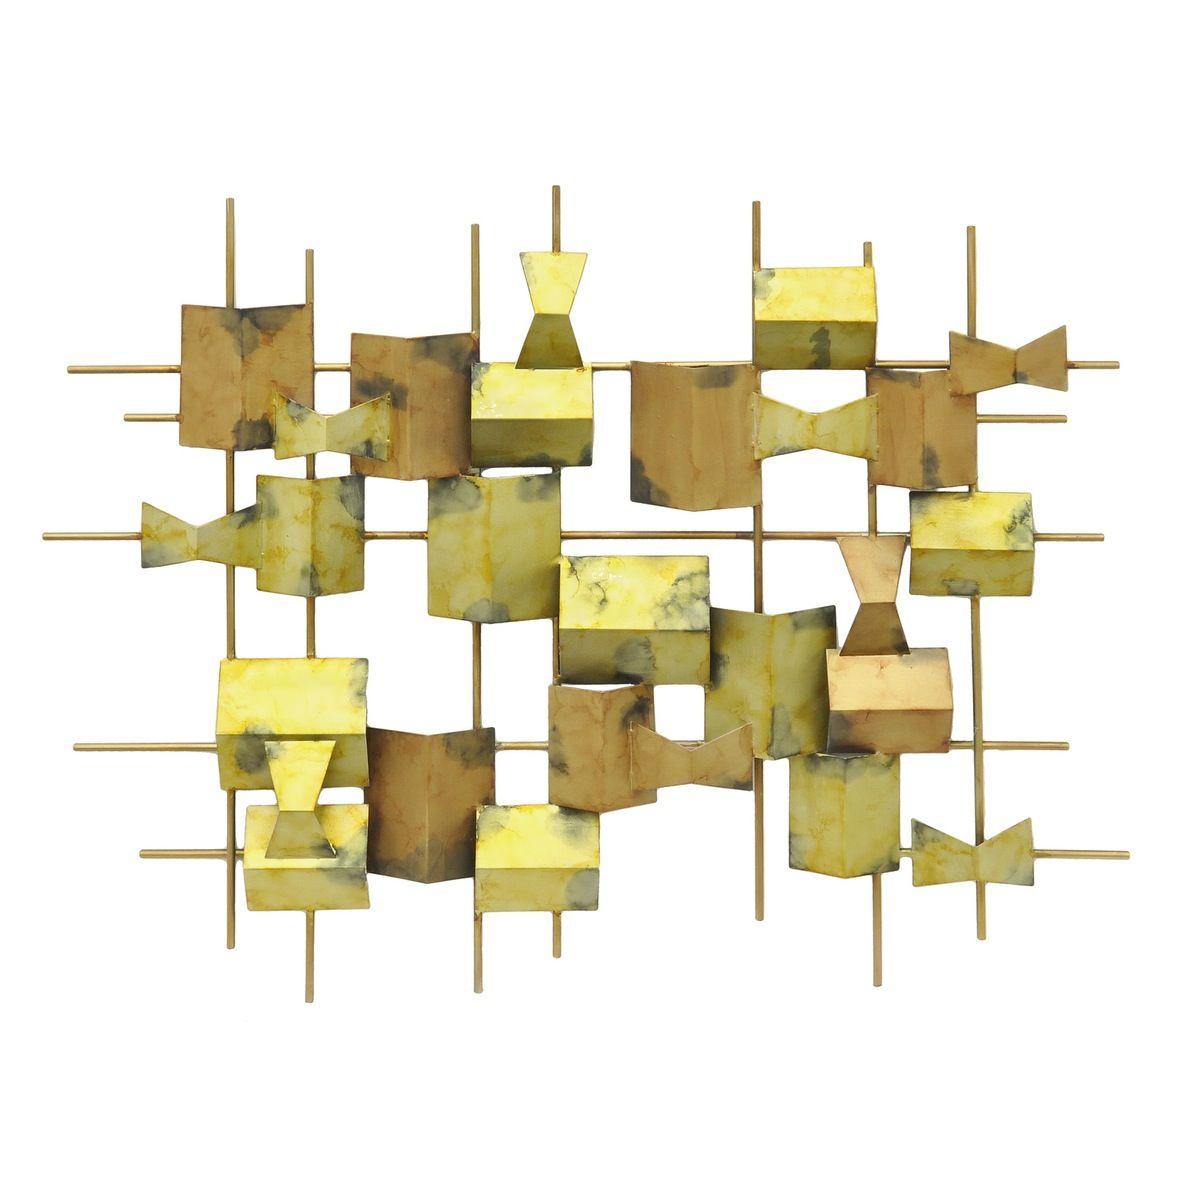 Three Hands Geometric Metal Wall Decoration - Gold Tones | Three ...